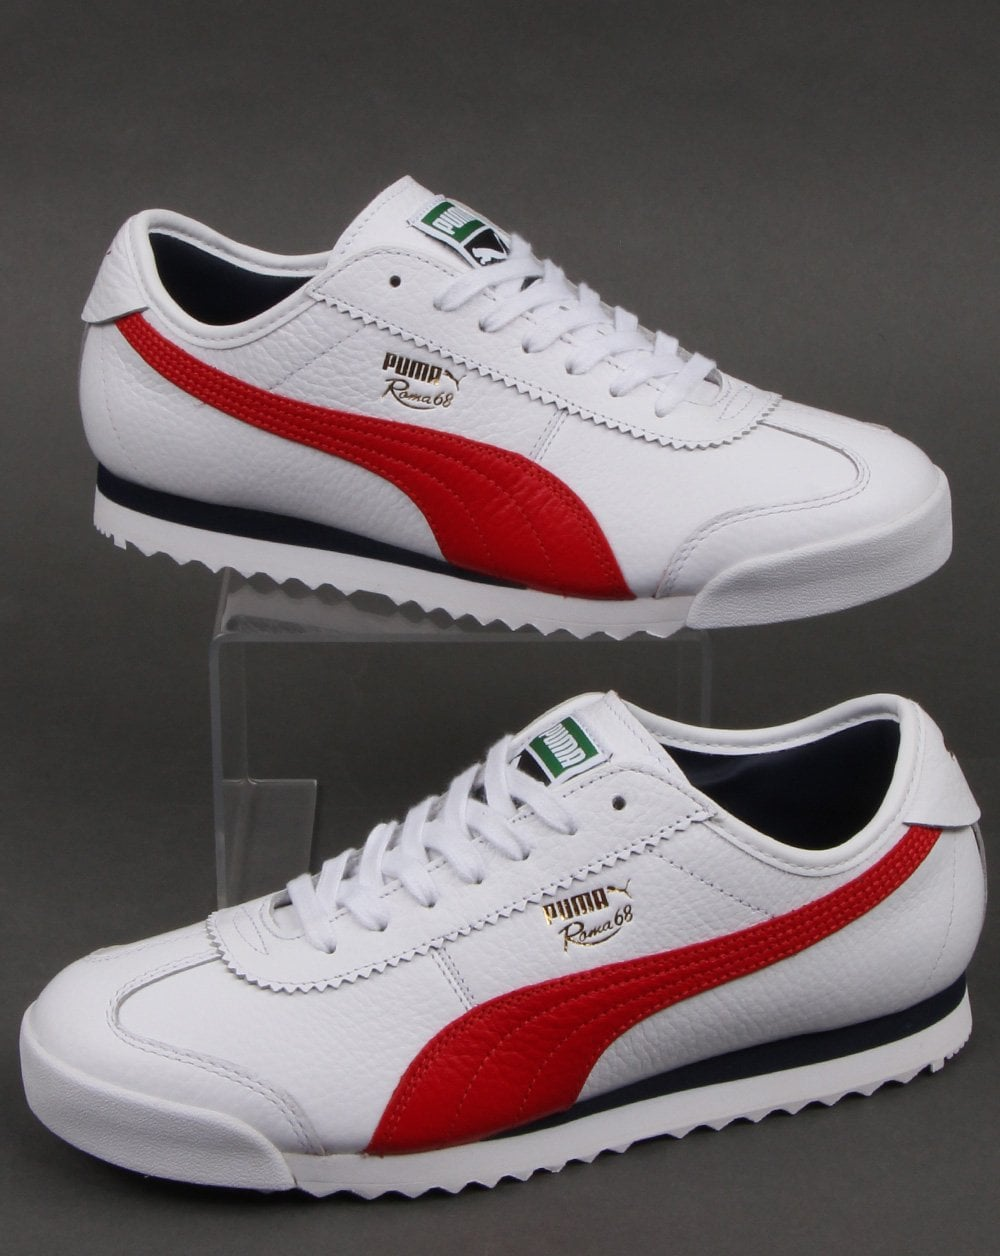 Admitir cuello compañera de clases  Puma Roma 68 Vintage Trainers White/Red - Puma At 80s Casual Classics